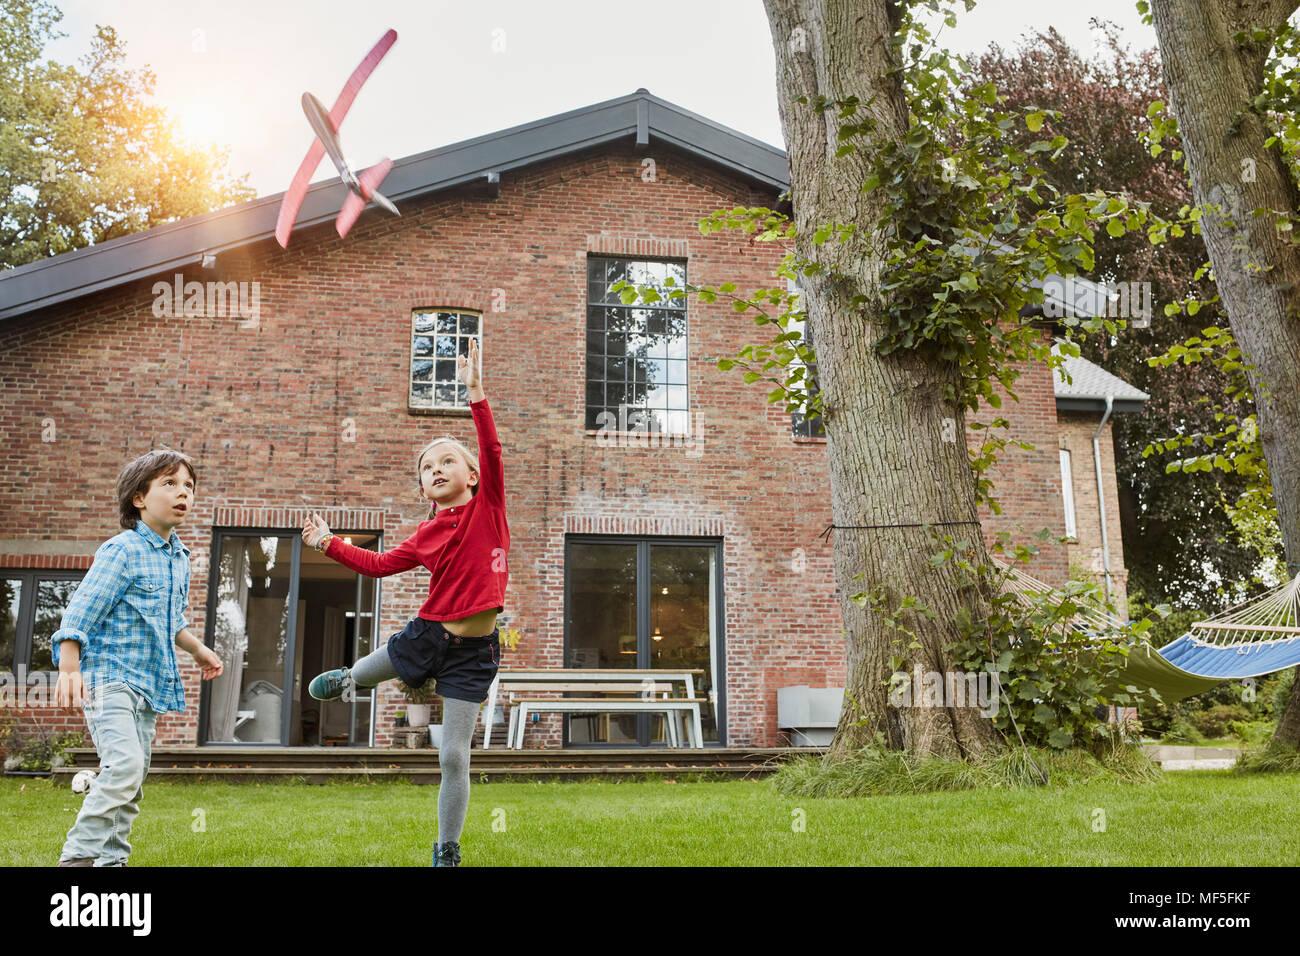 Deux enfants jouant avec toy airplane dans jardin de leur maison Photo Stock